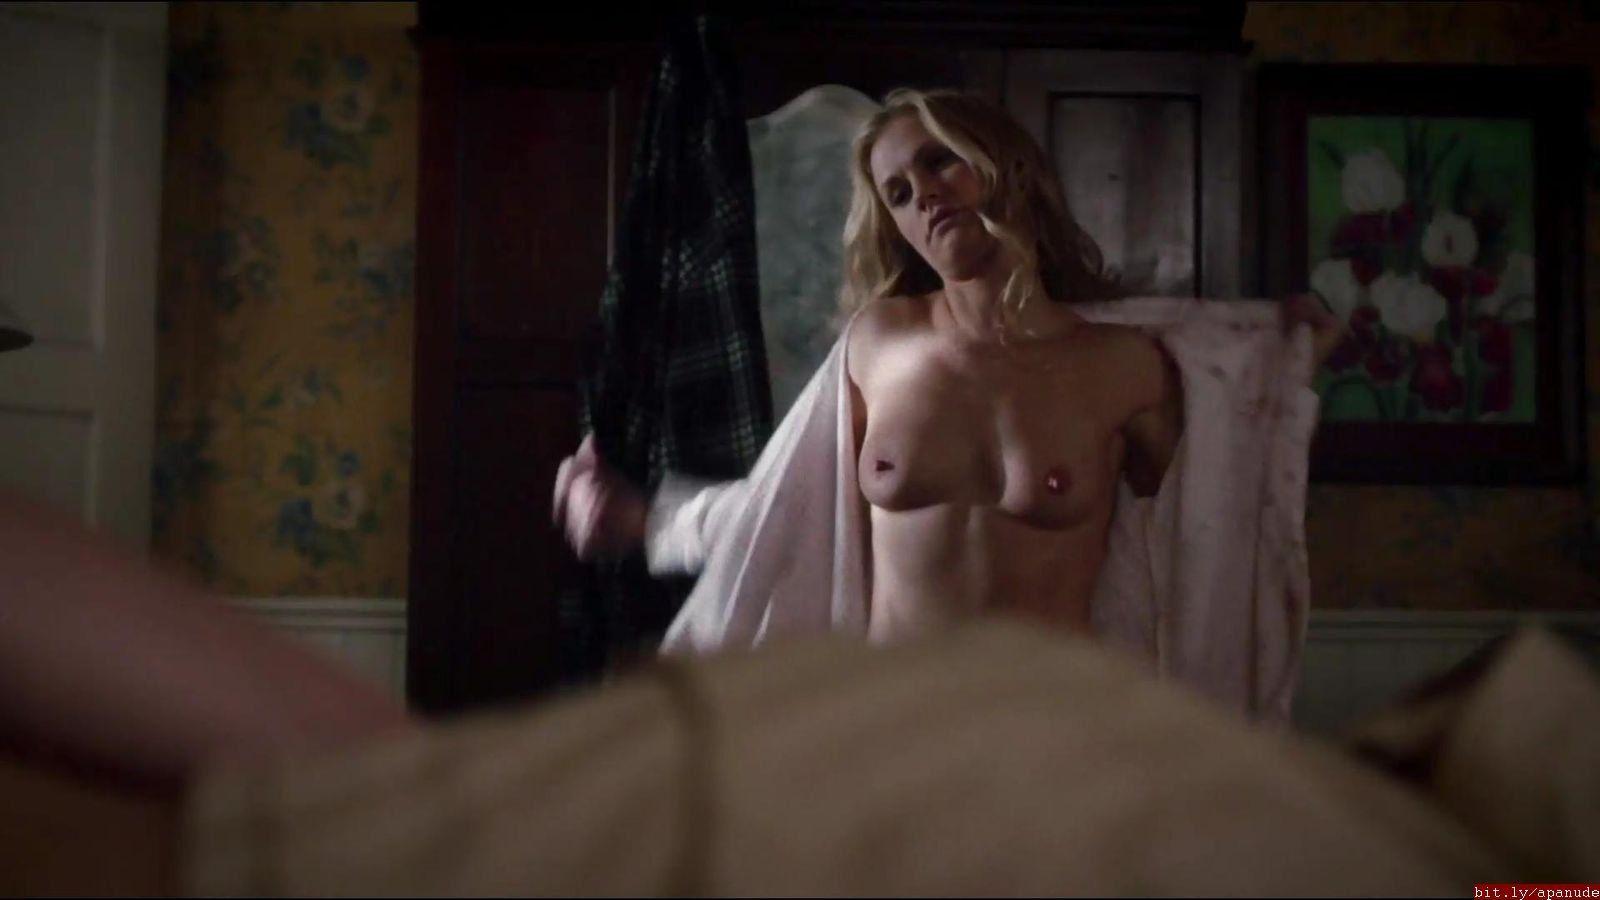 Anna Follando anna paquin nude images - nude photos.